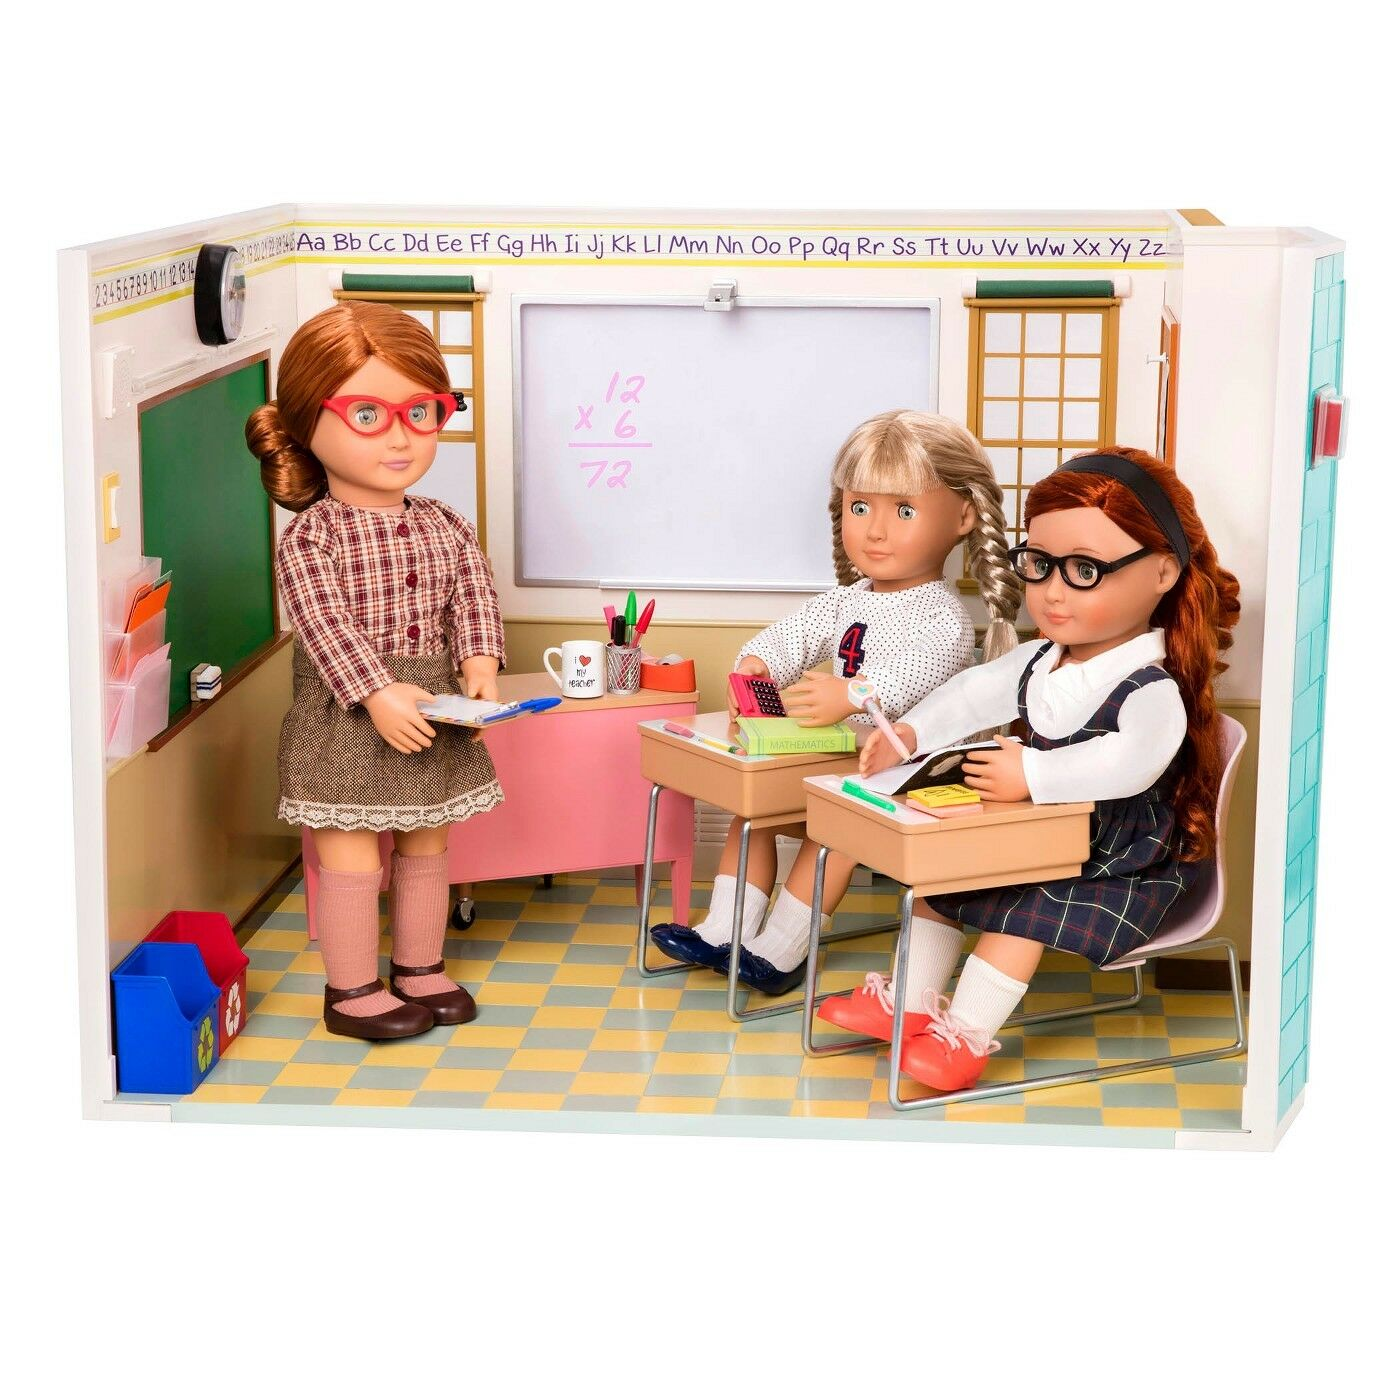 Nuestra generación impresionante Academia Escuela Room 18  juego de muñeca Envío Internacional